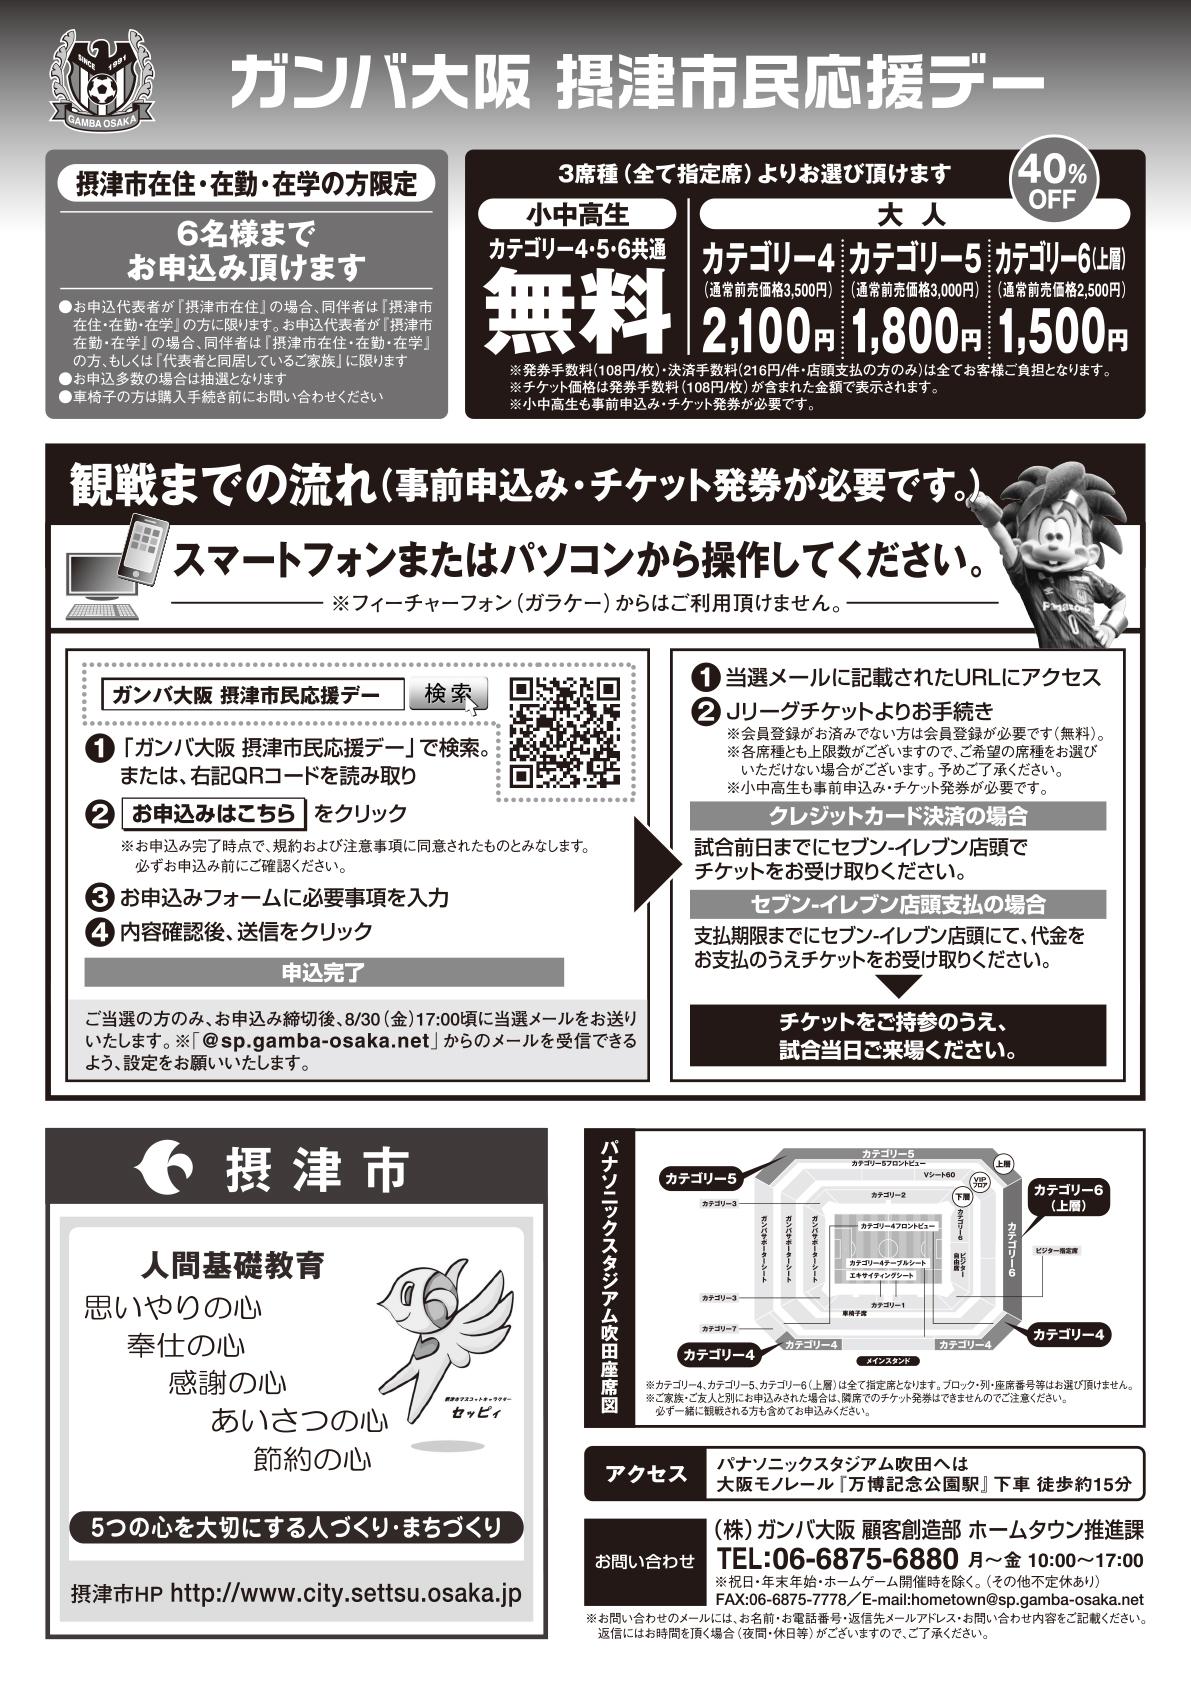 ガンバ大阪 申し込み